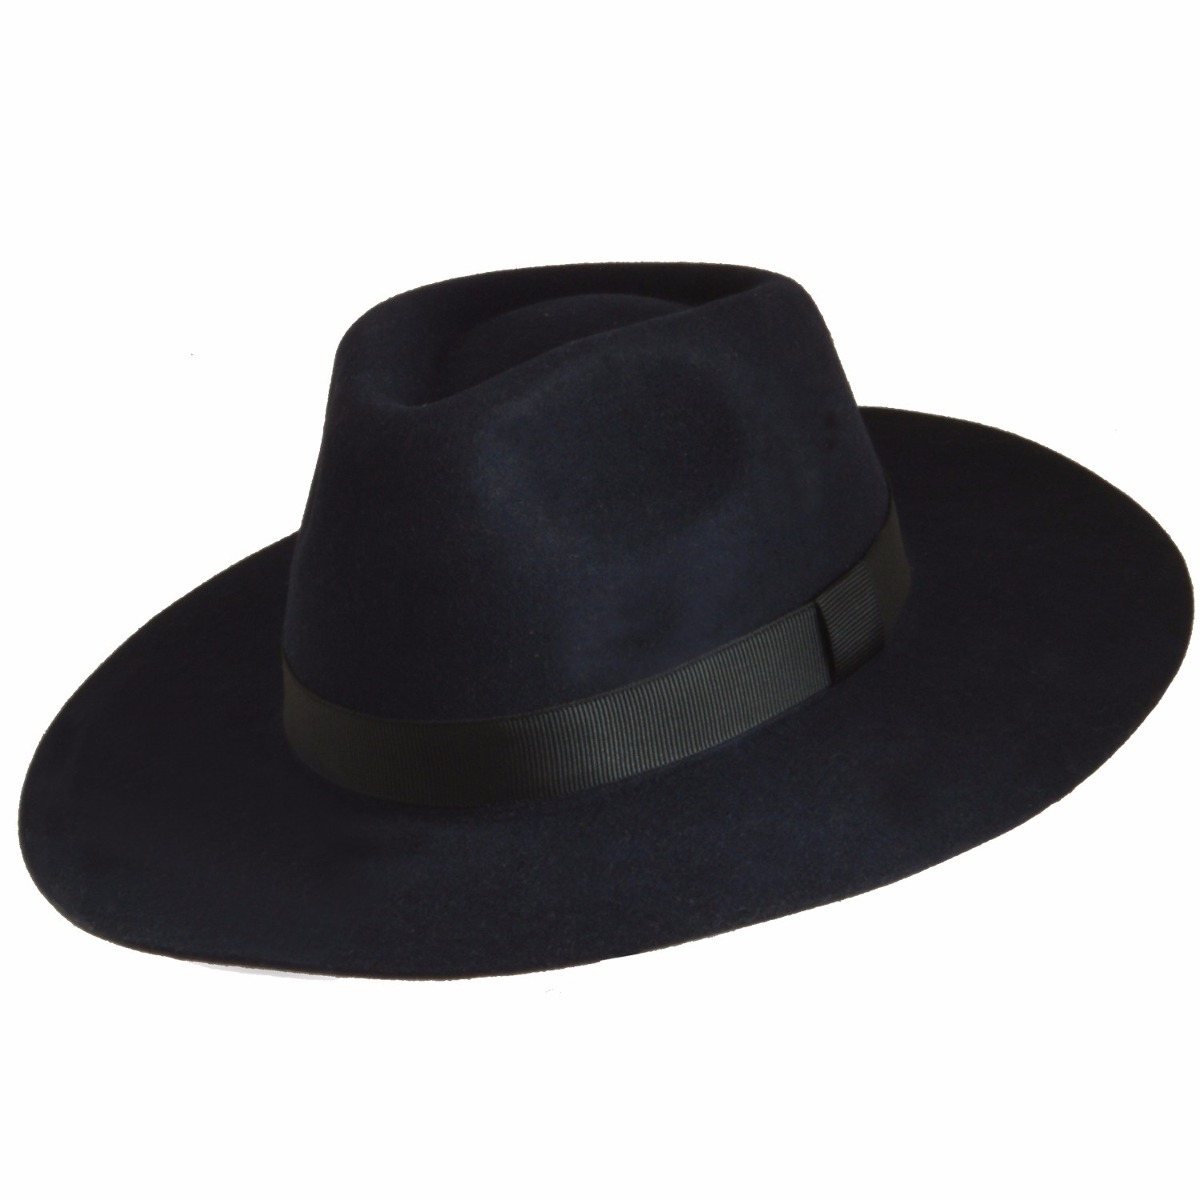 3d9a4d7e34e30 sombrero fieltro australian compañia de sombreros h71400010. Cargando zoom.